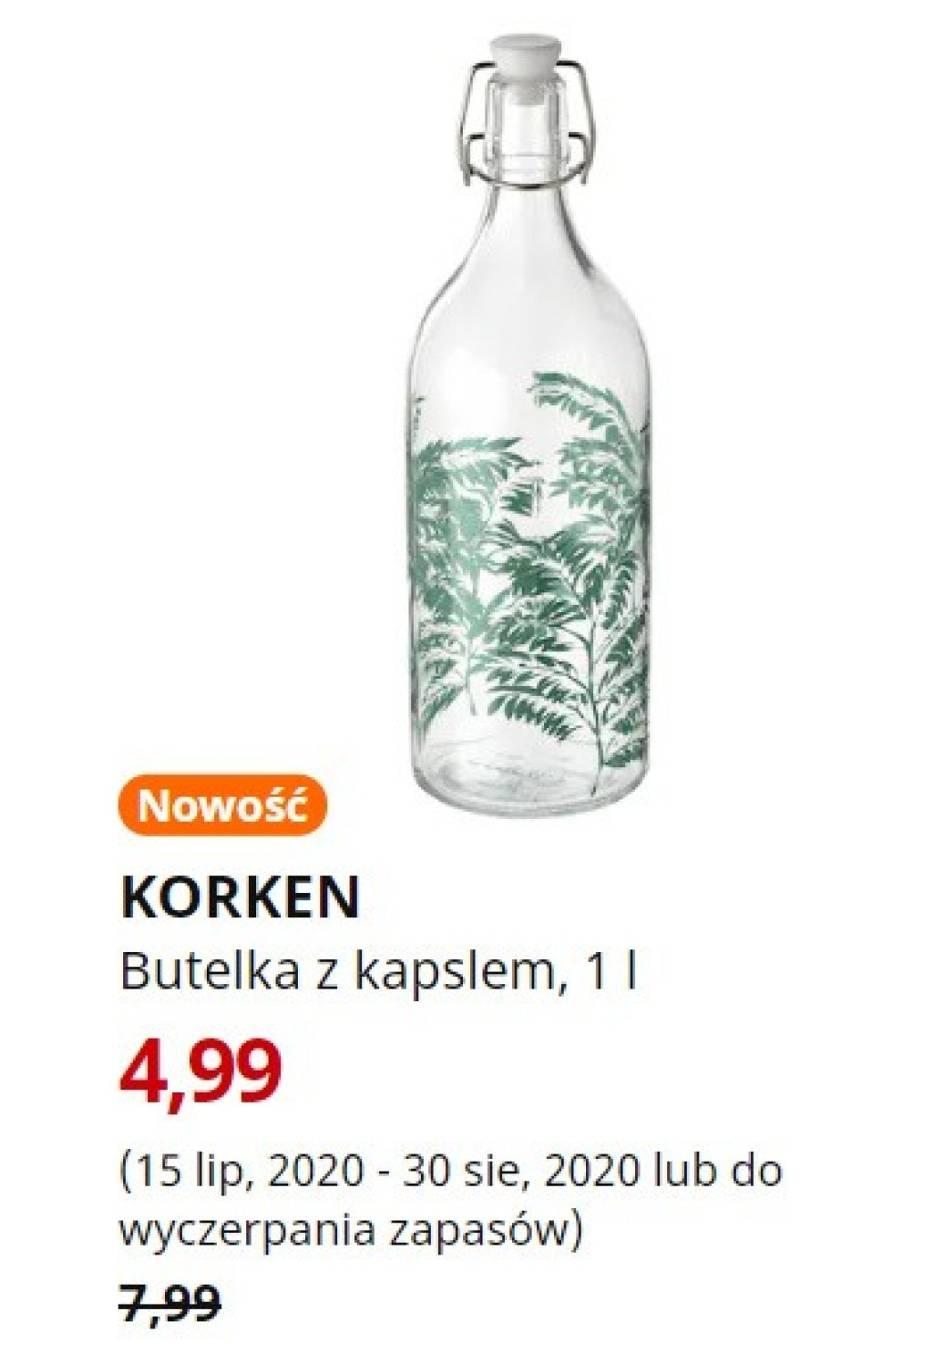 IKEA: ogromne promocje i wyprzedaże do 70 proc.! Co można kupić taniej lub za grosze? Lista produktów [05.08.2020]